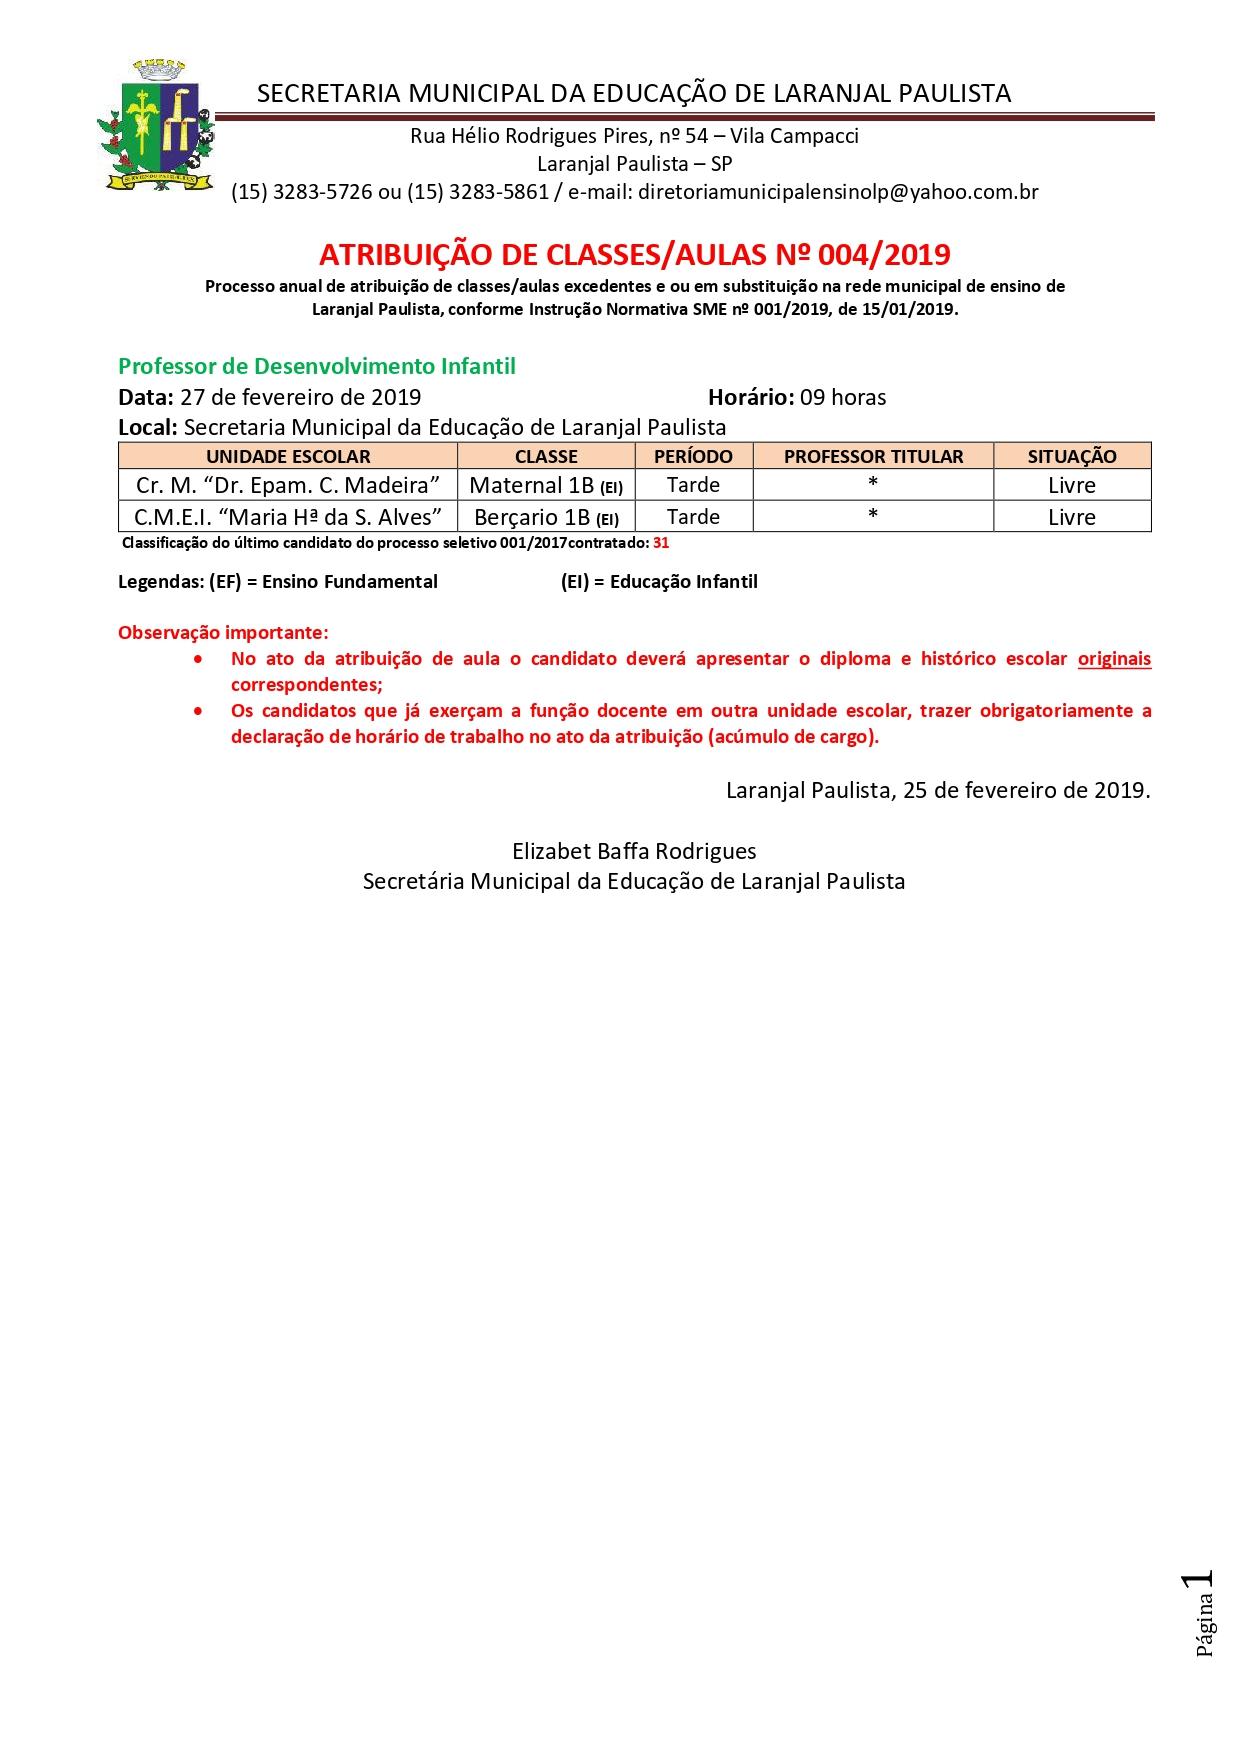 Atribuição de classes e ou aulas excedentes nº 003-2019